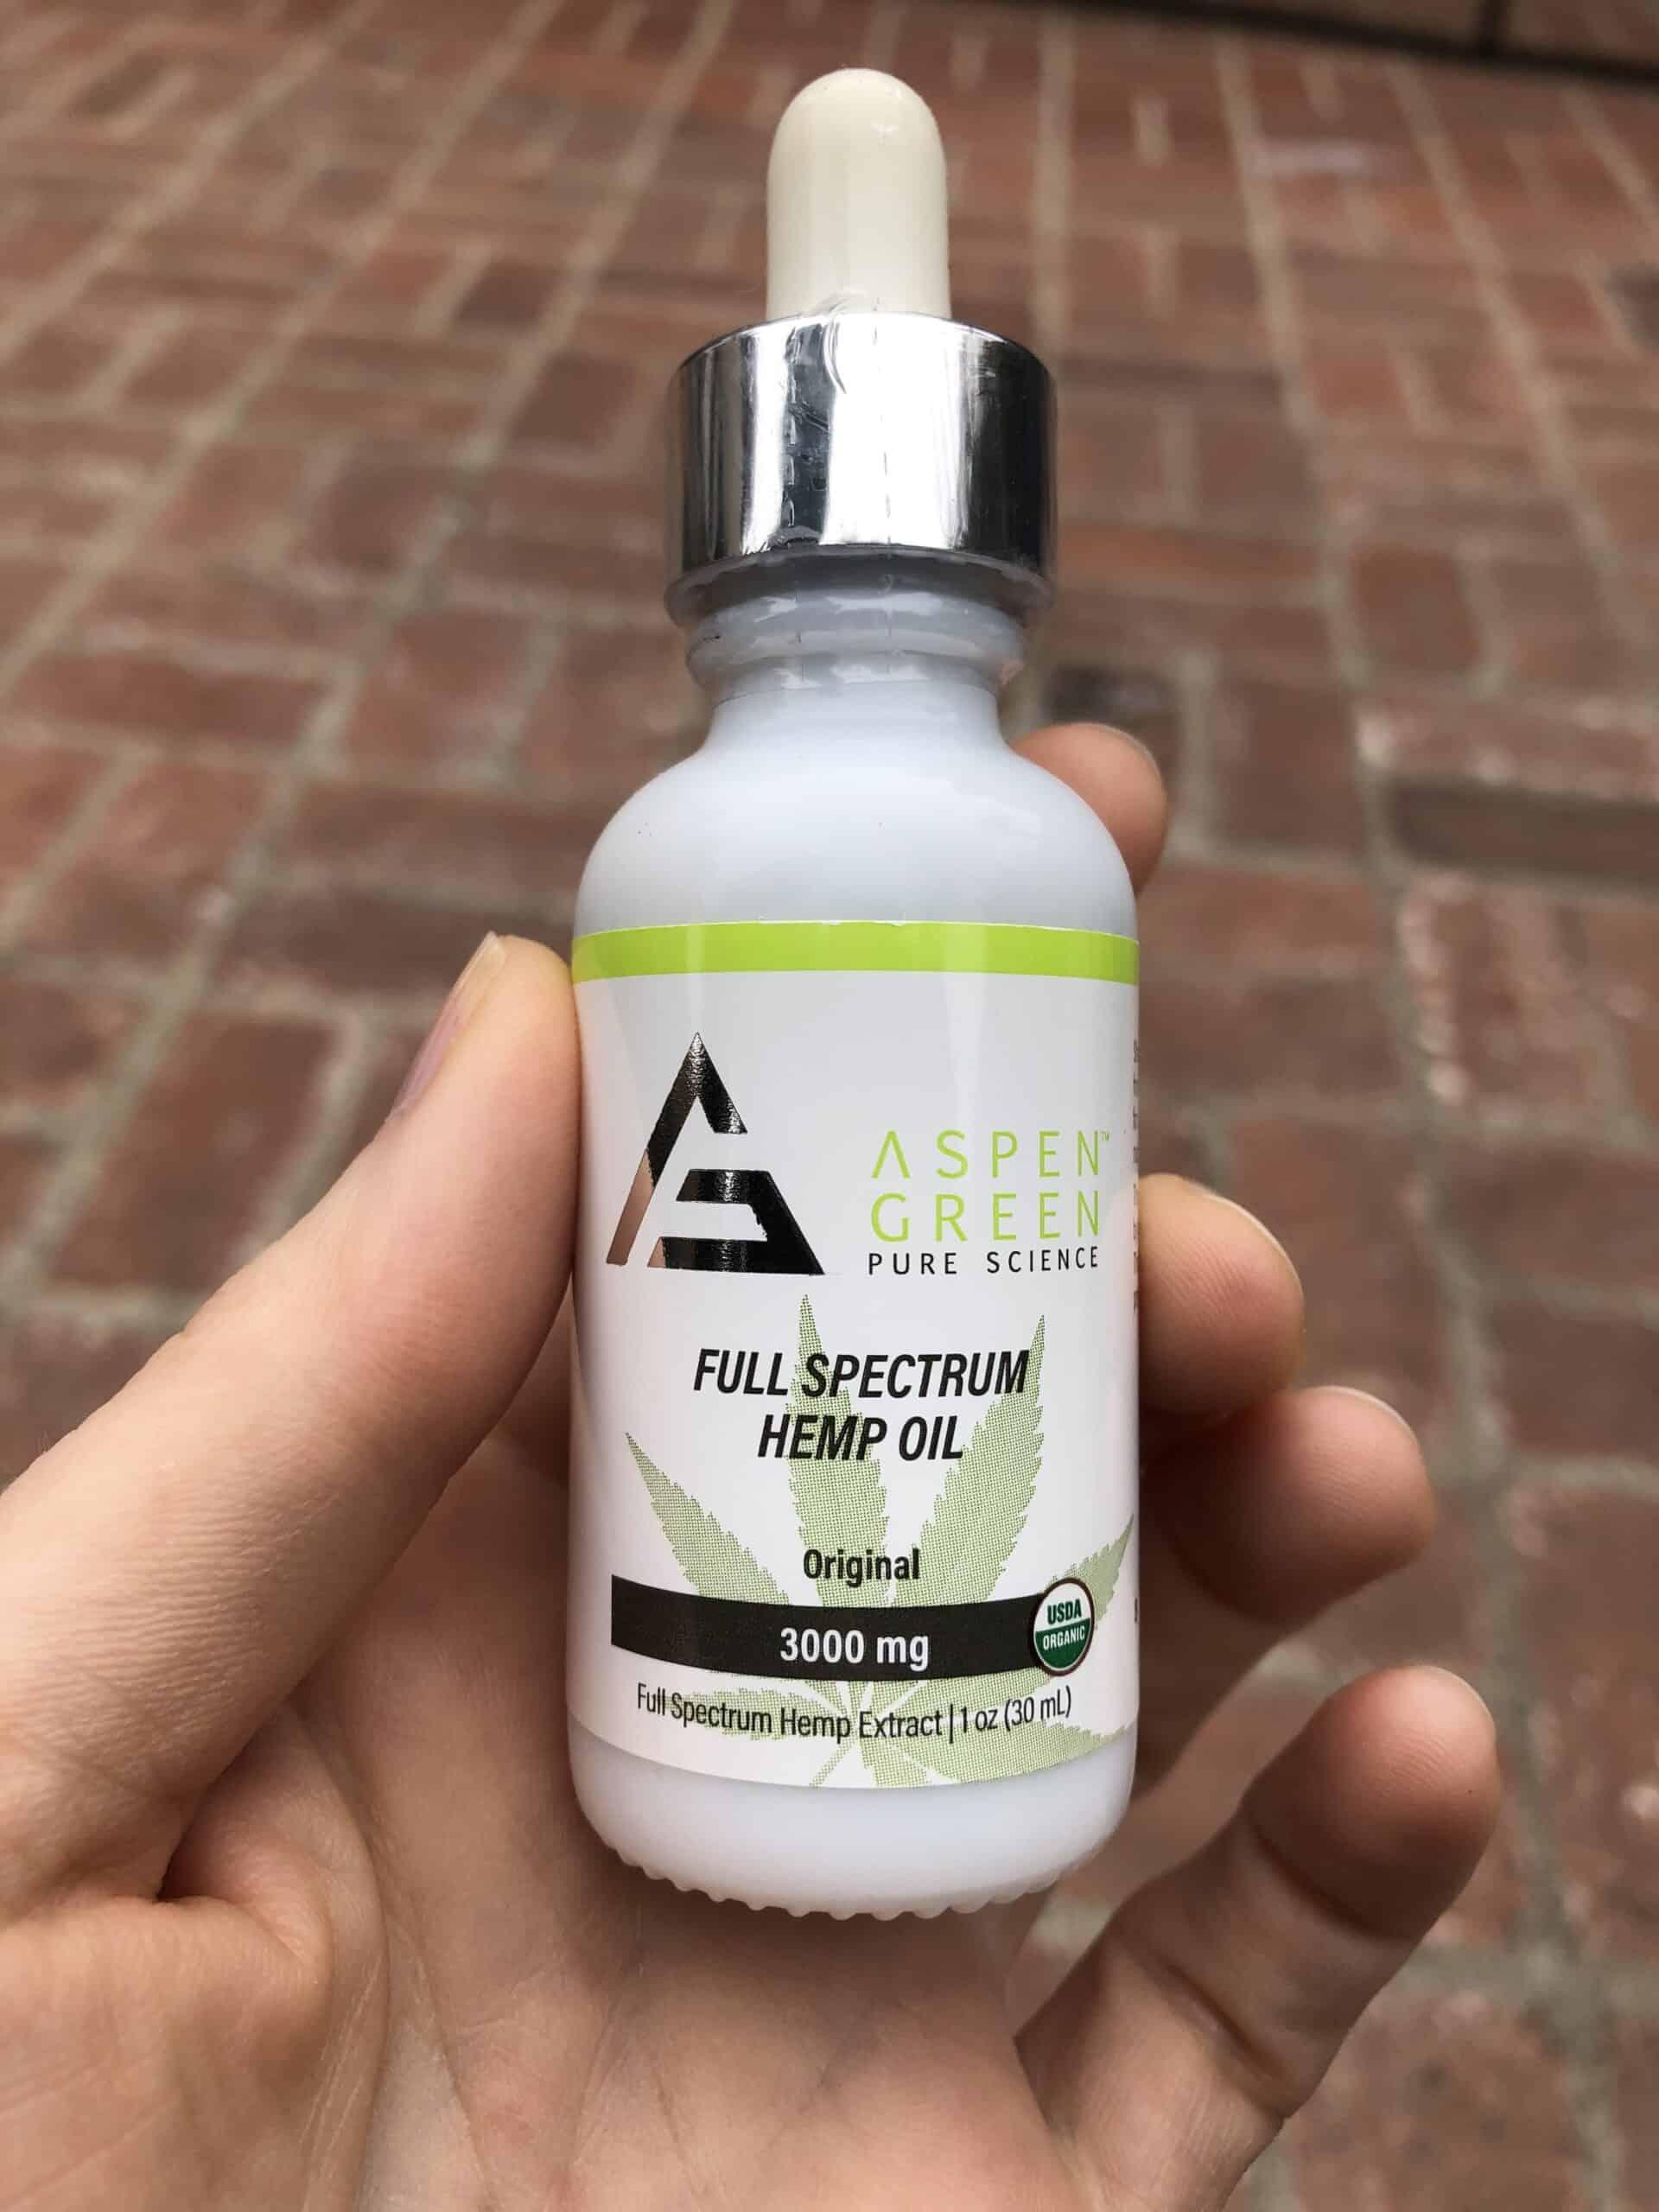 Aspen Green Full Spectrum Hemp Oil - 3,000 MG